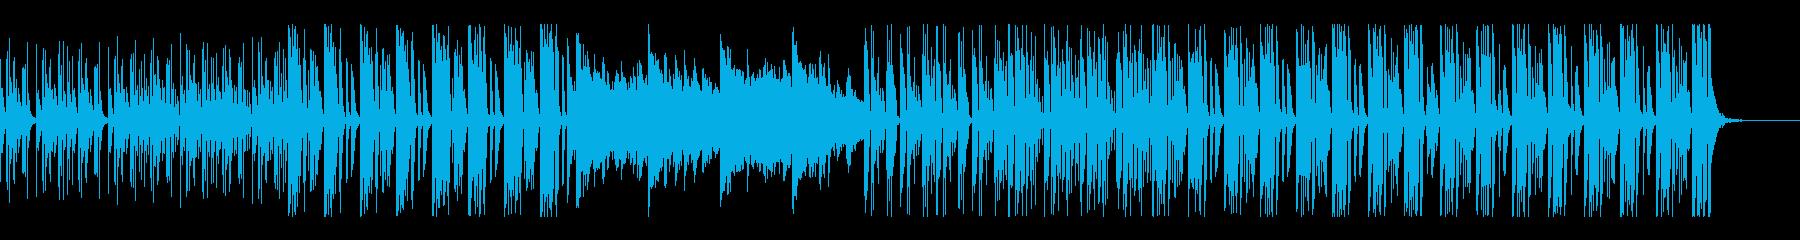 単調だけど不思議なエレクトロポップの再生済みの波形